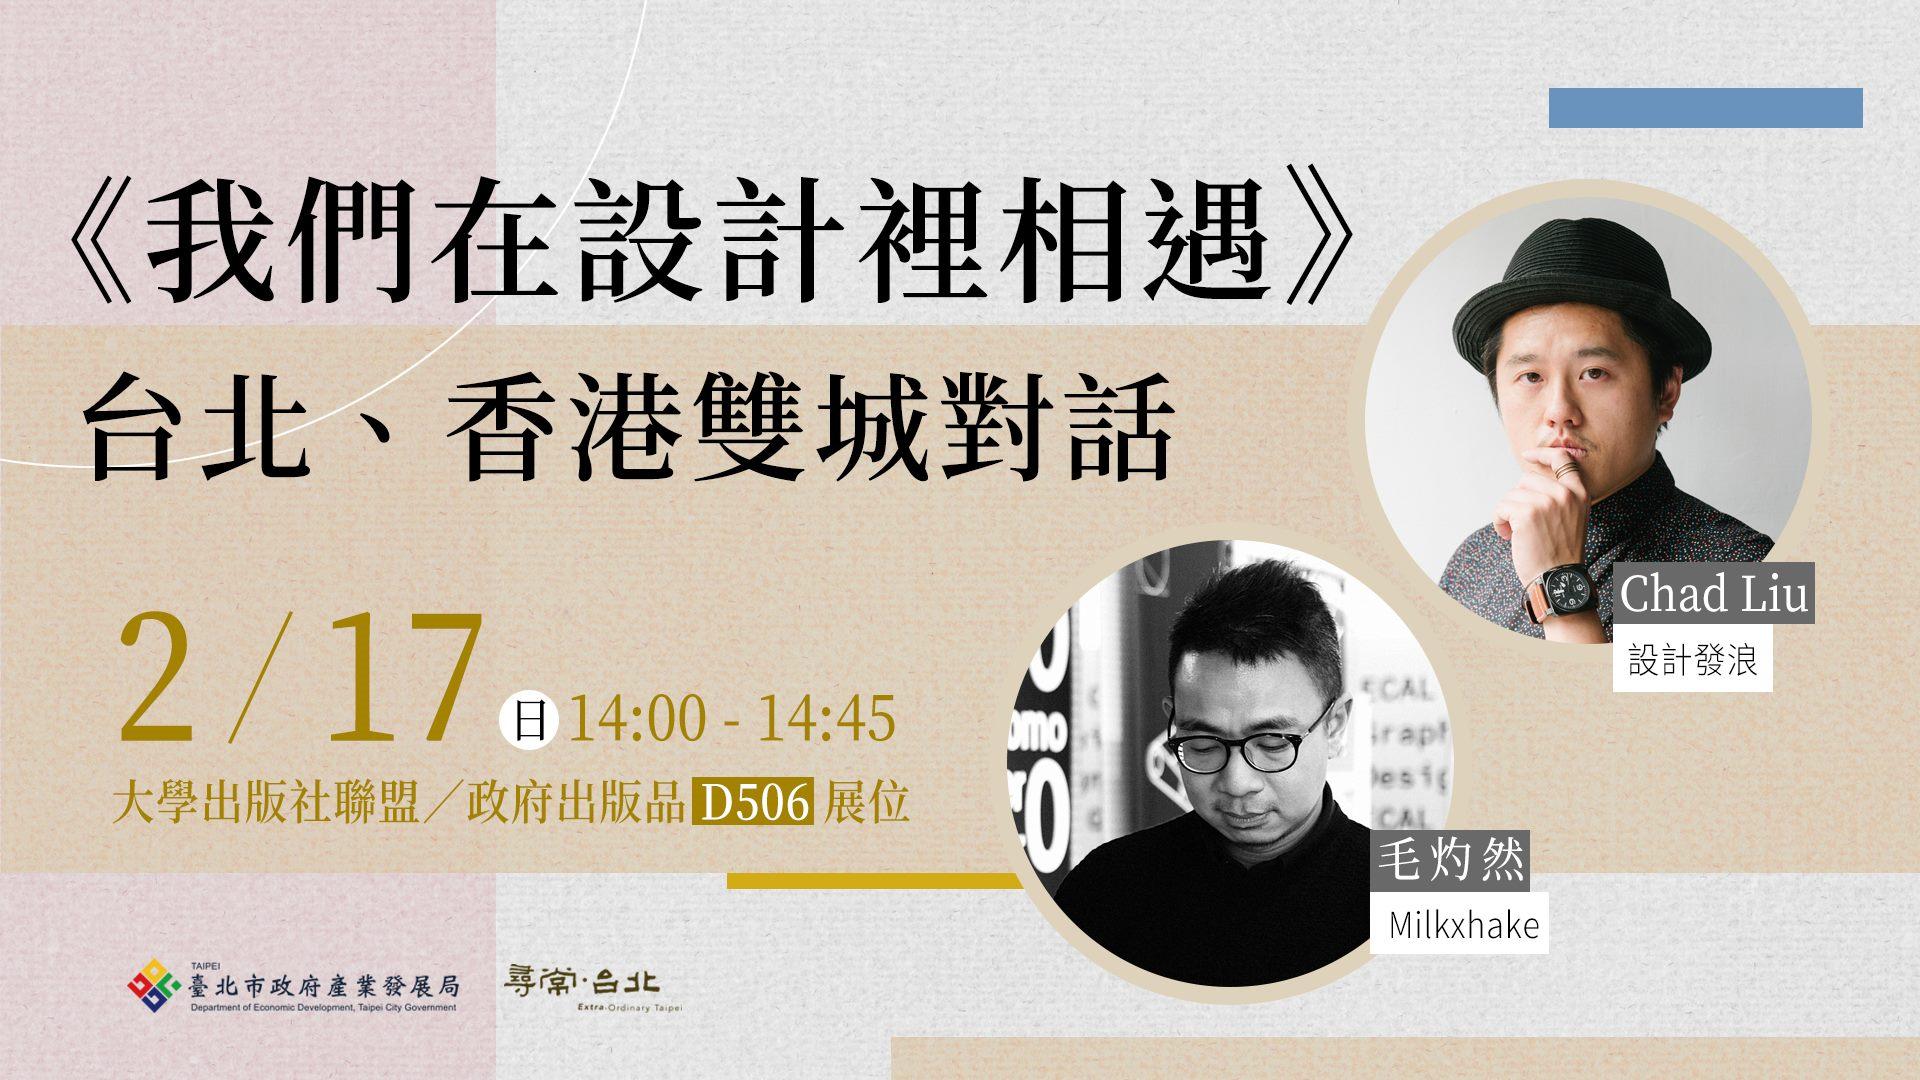 2019/2/17 講座:我們在設計裡相遇|台北、香港雙城對話